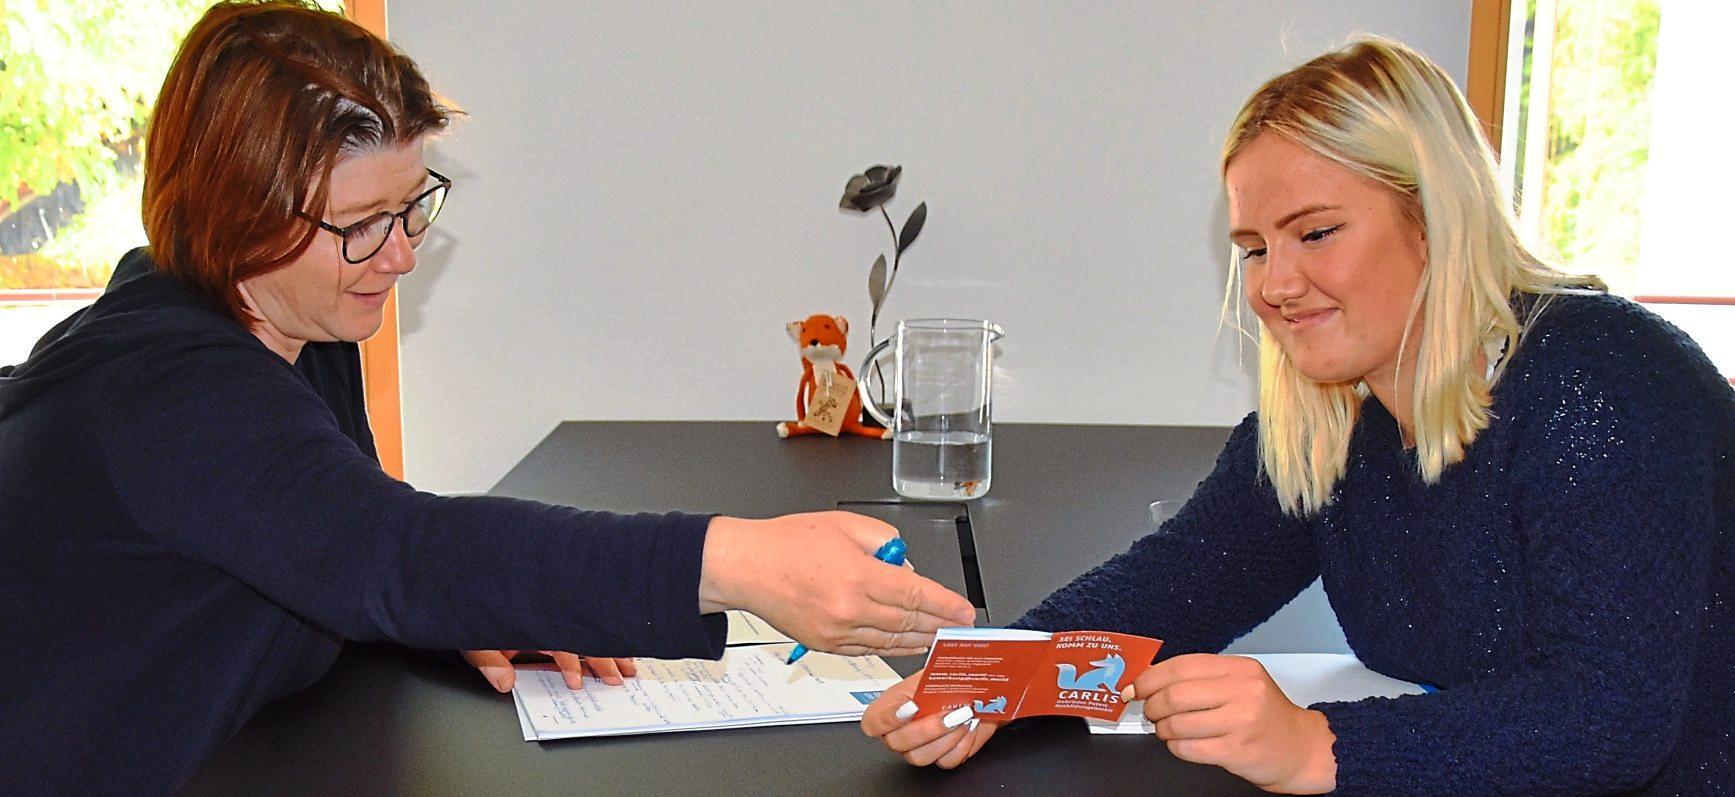 Ina Kaufmann von der Gebrüder Peters Ausbildungs GmbH und ihre Auszubildende im Büromanagement,Natalie Kartaseva, kennen sich bei dem Thema aus. Fotos: Getty images/Hausmann